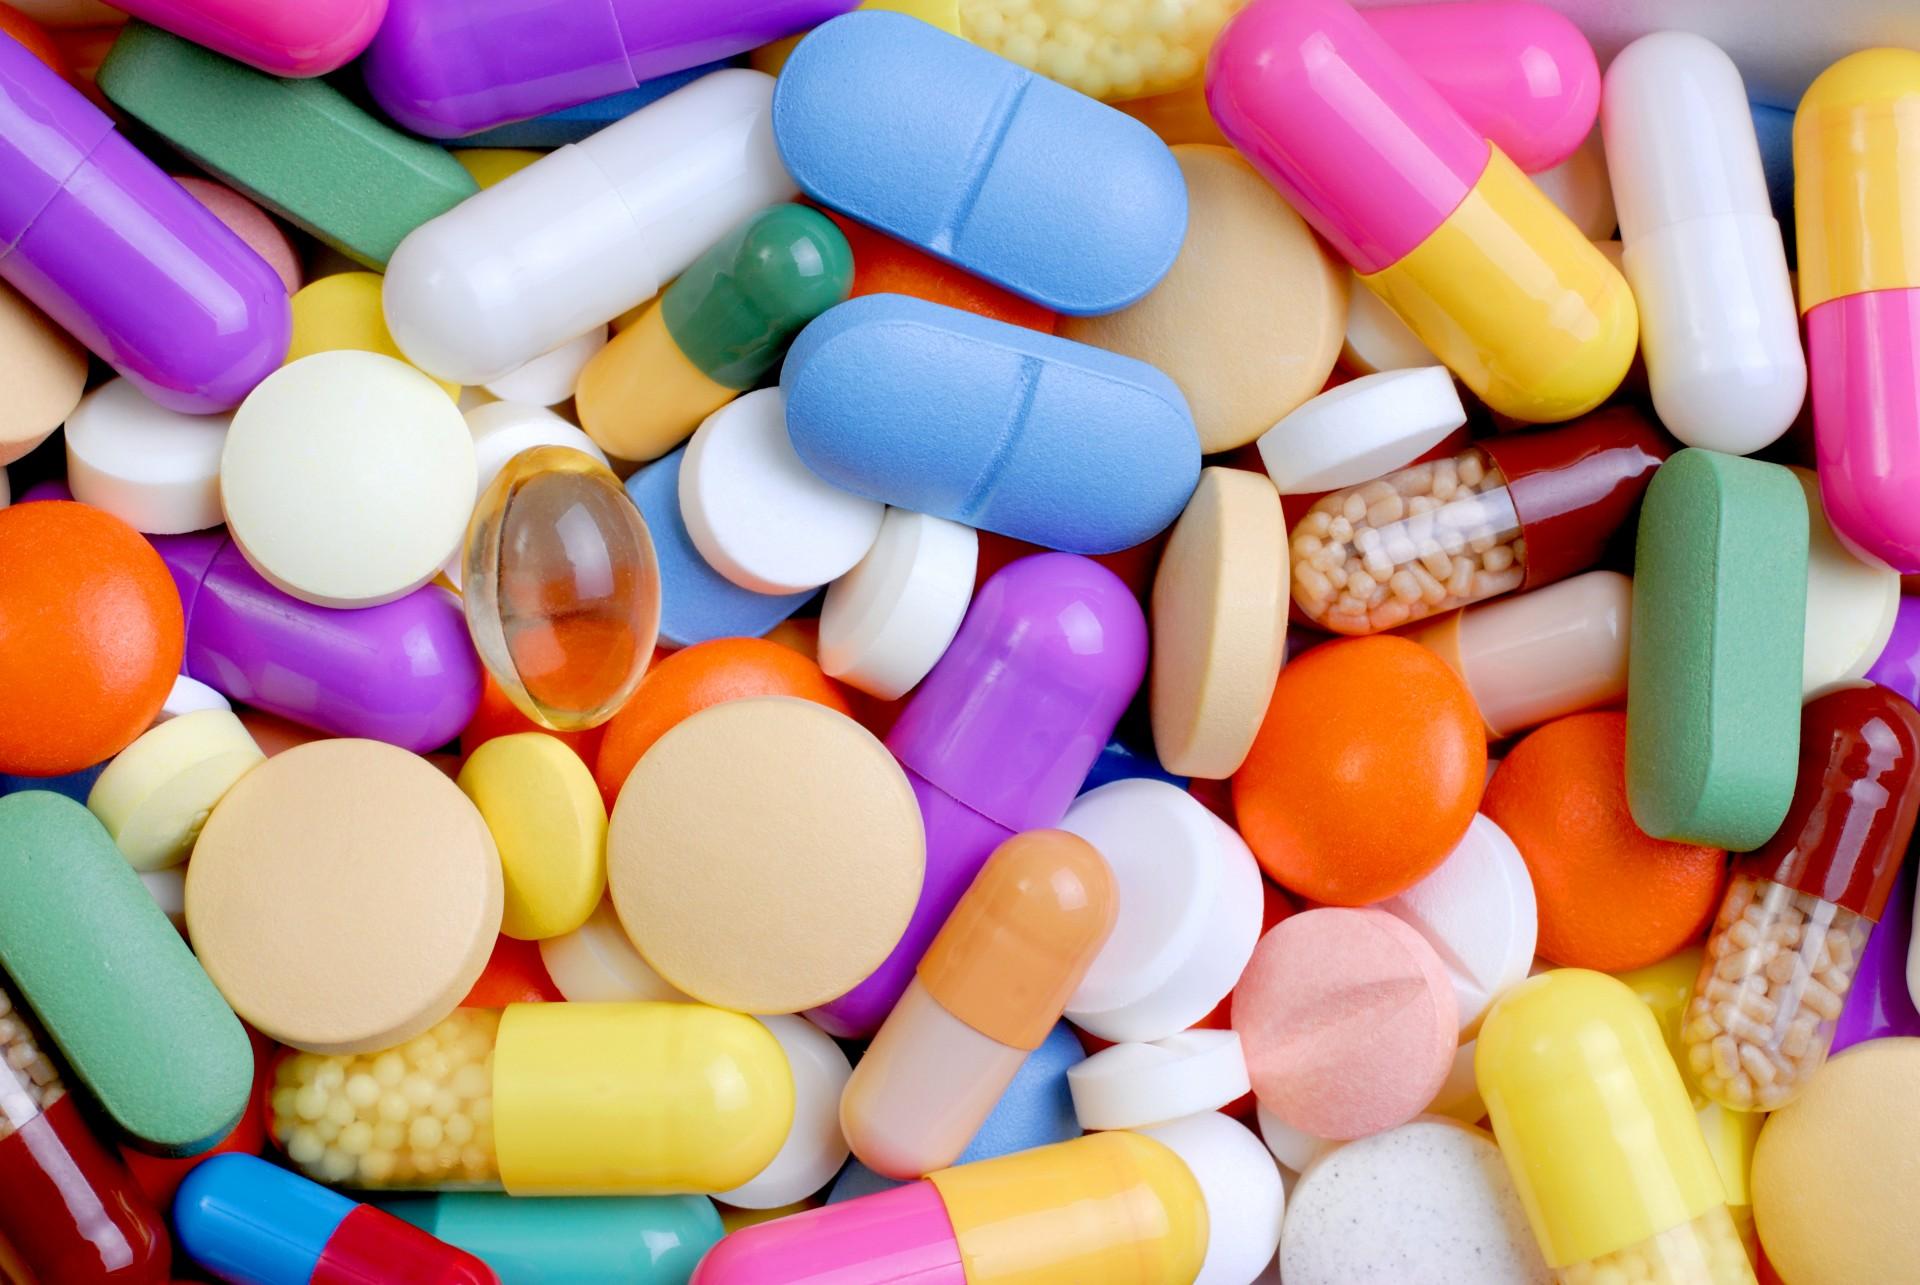 Έρχονται οι δικαστικές αποφάσεις για το πλαφόν στα φάρμακα!